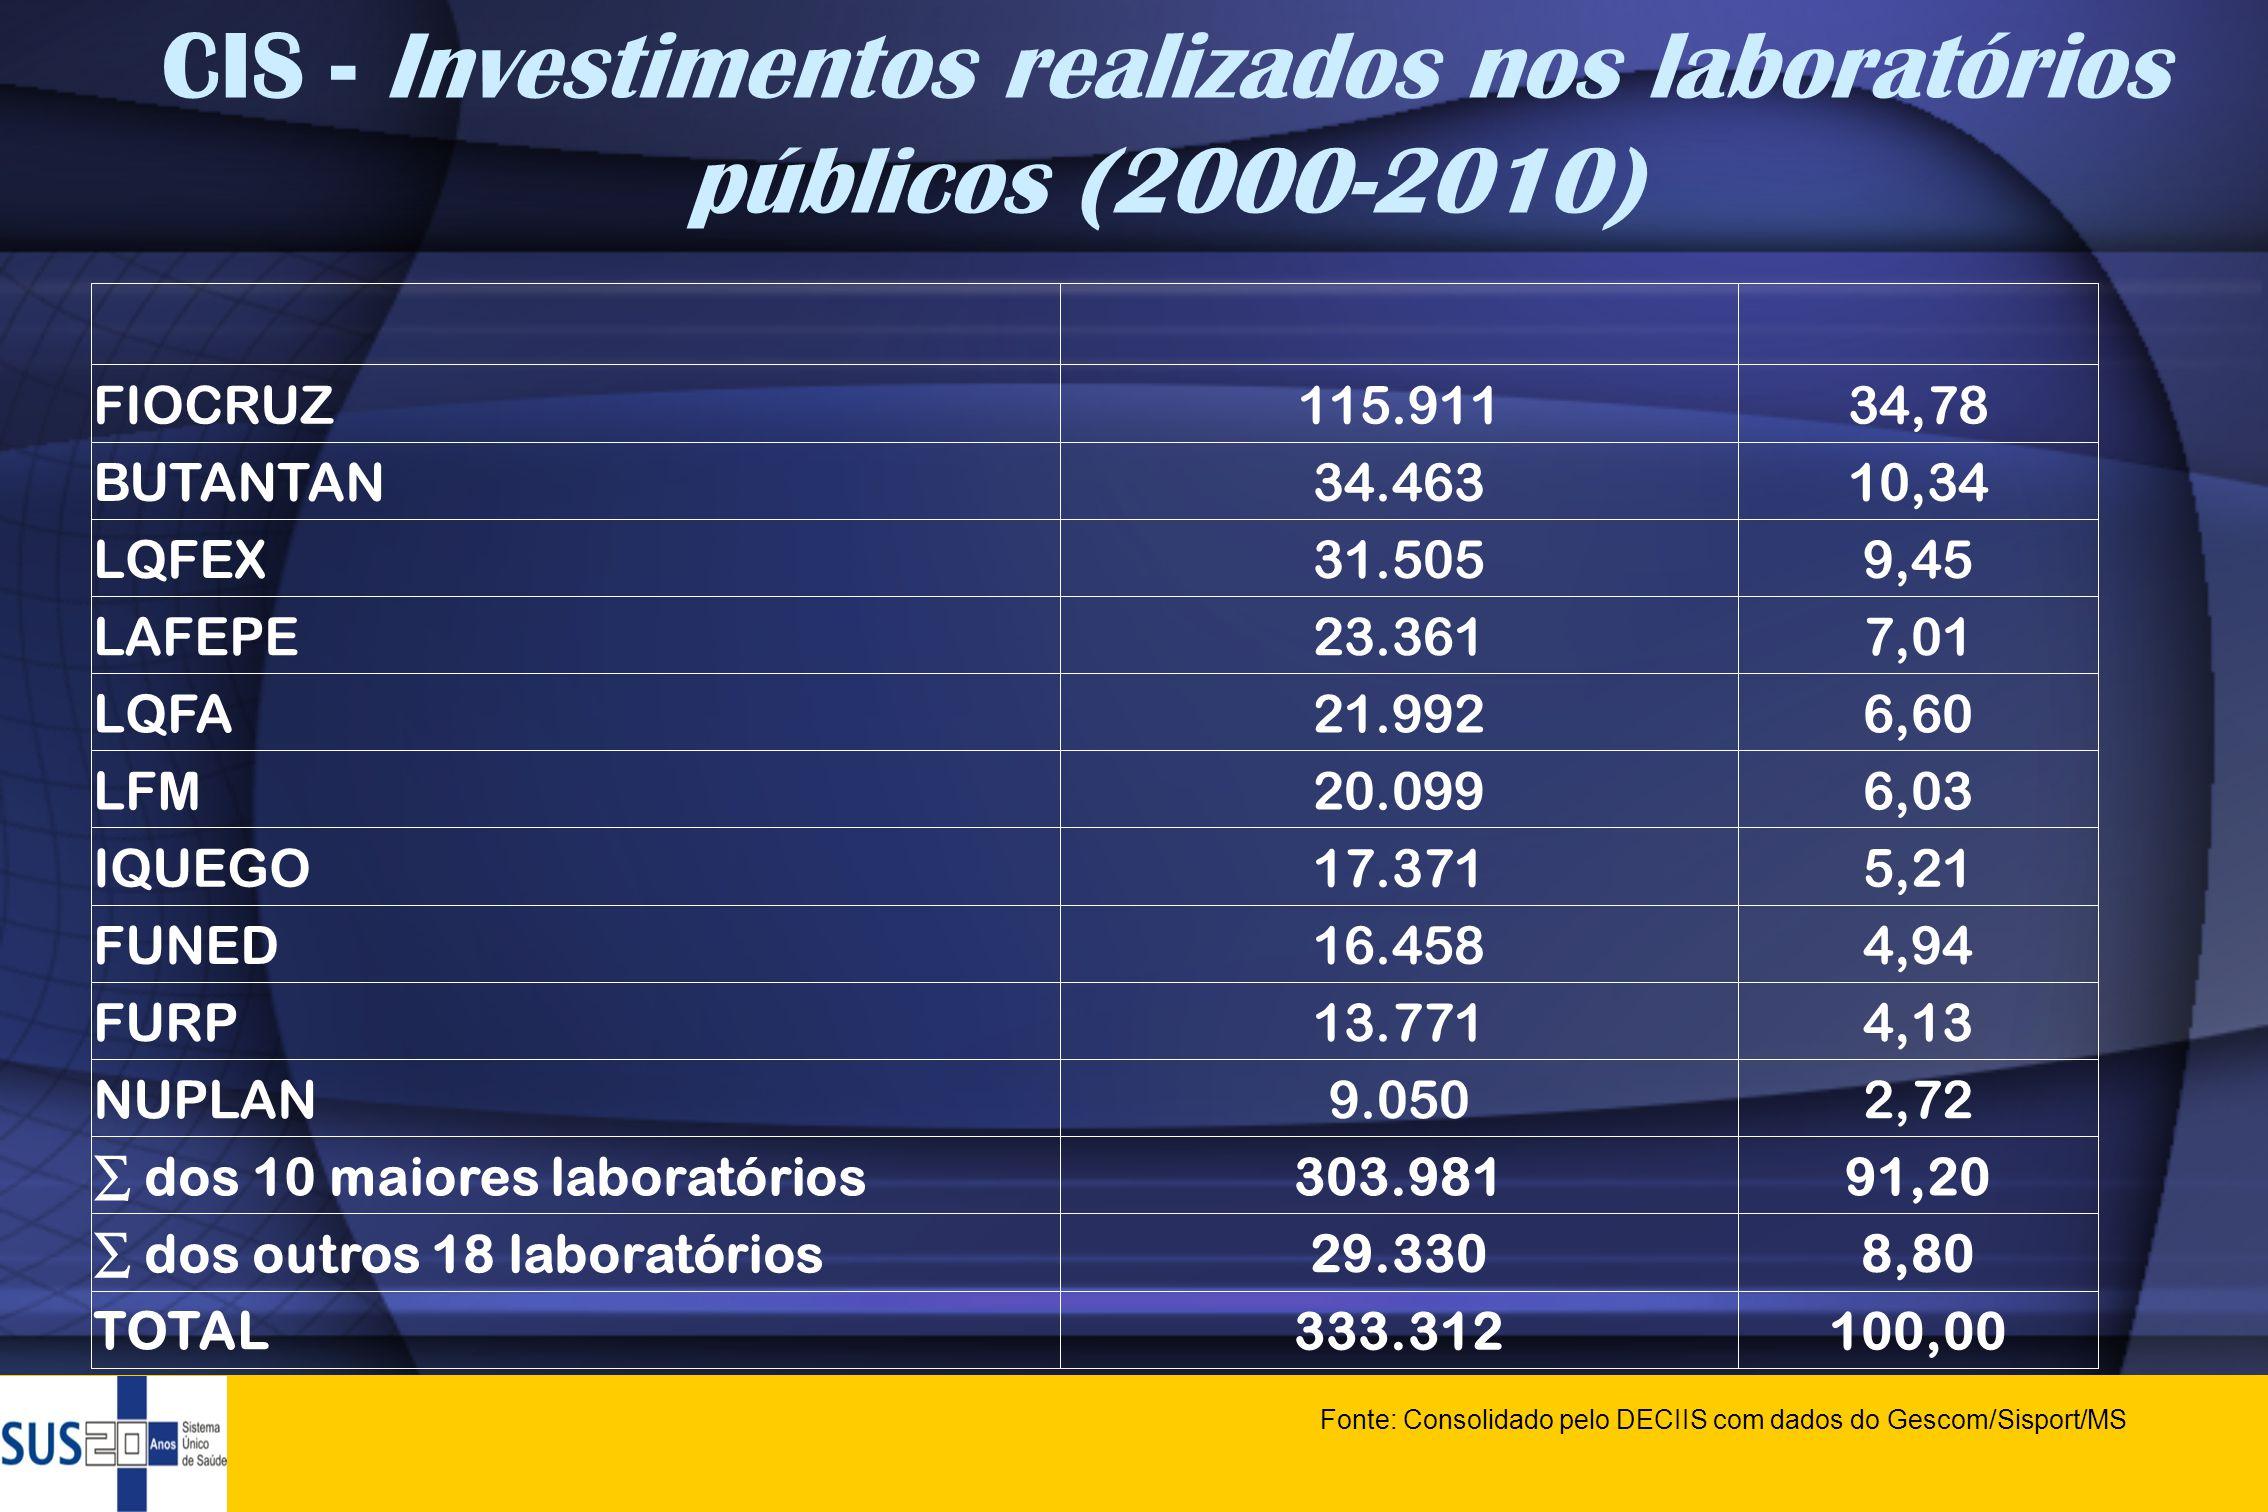 CIS - Investimentos realizados nos laboratórios públicos (2000-2010)